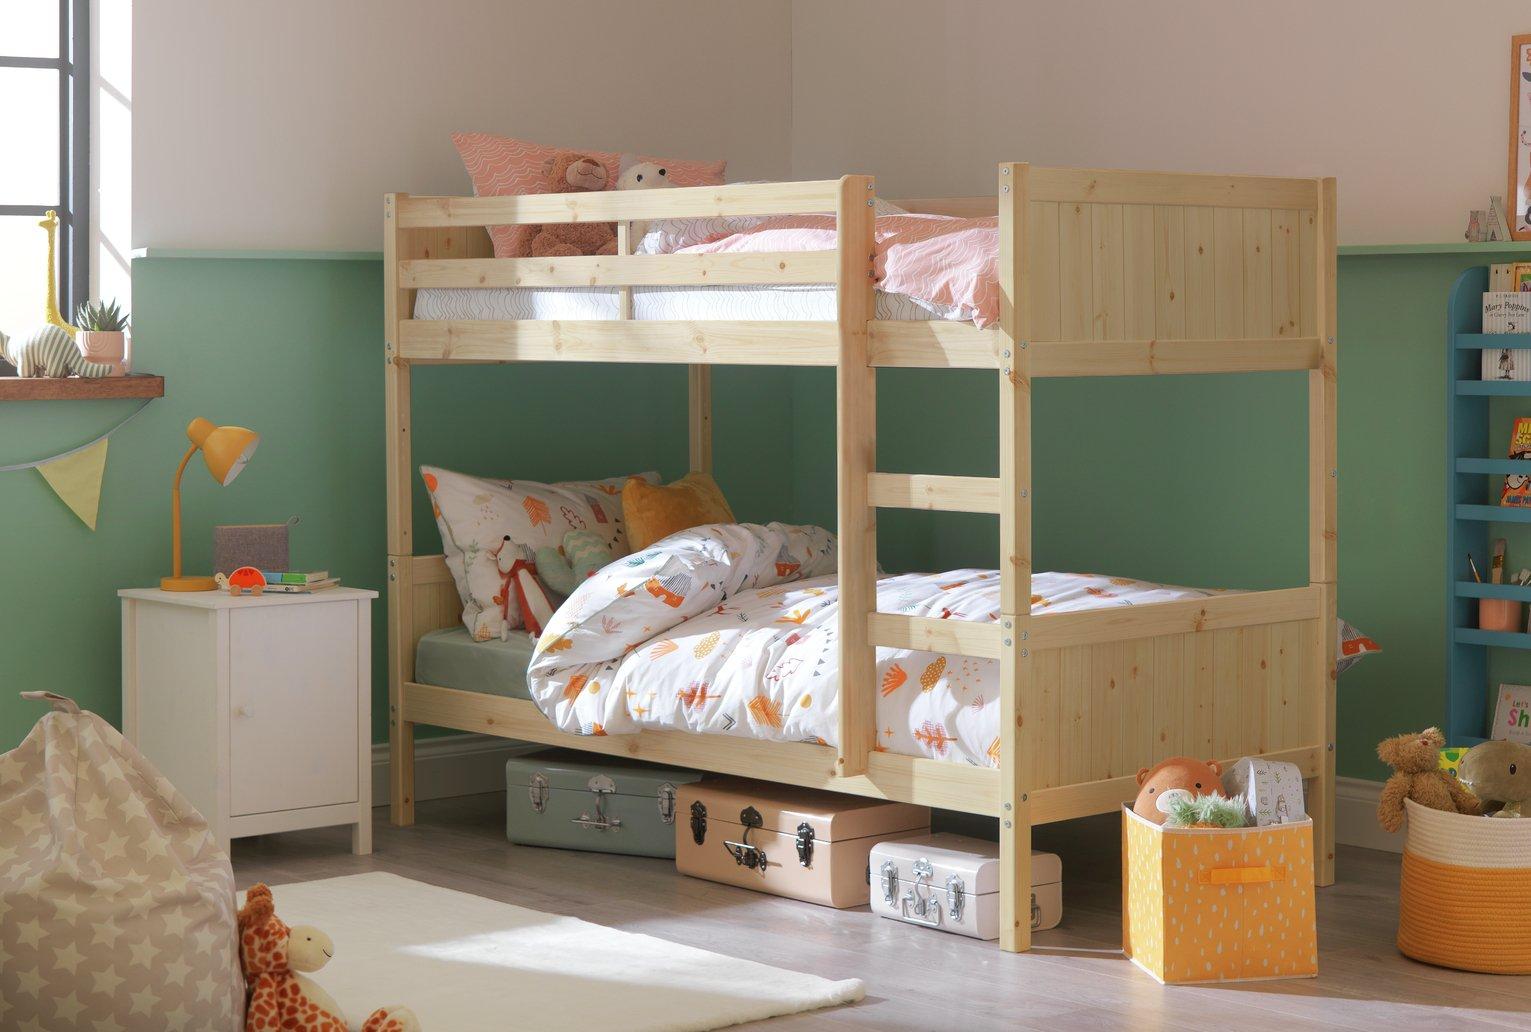 Argos Home Detachable Bunk Bed Frame - Pine